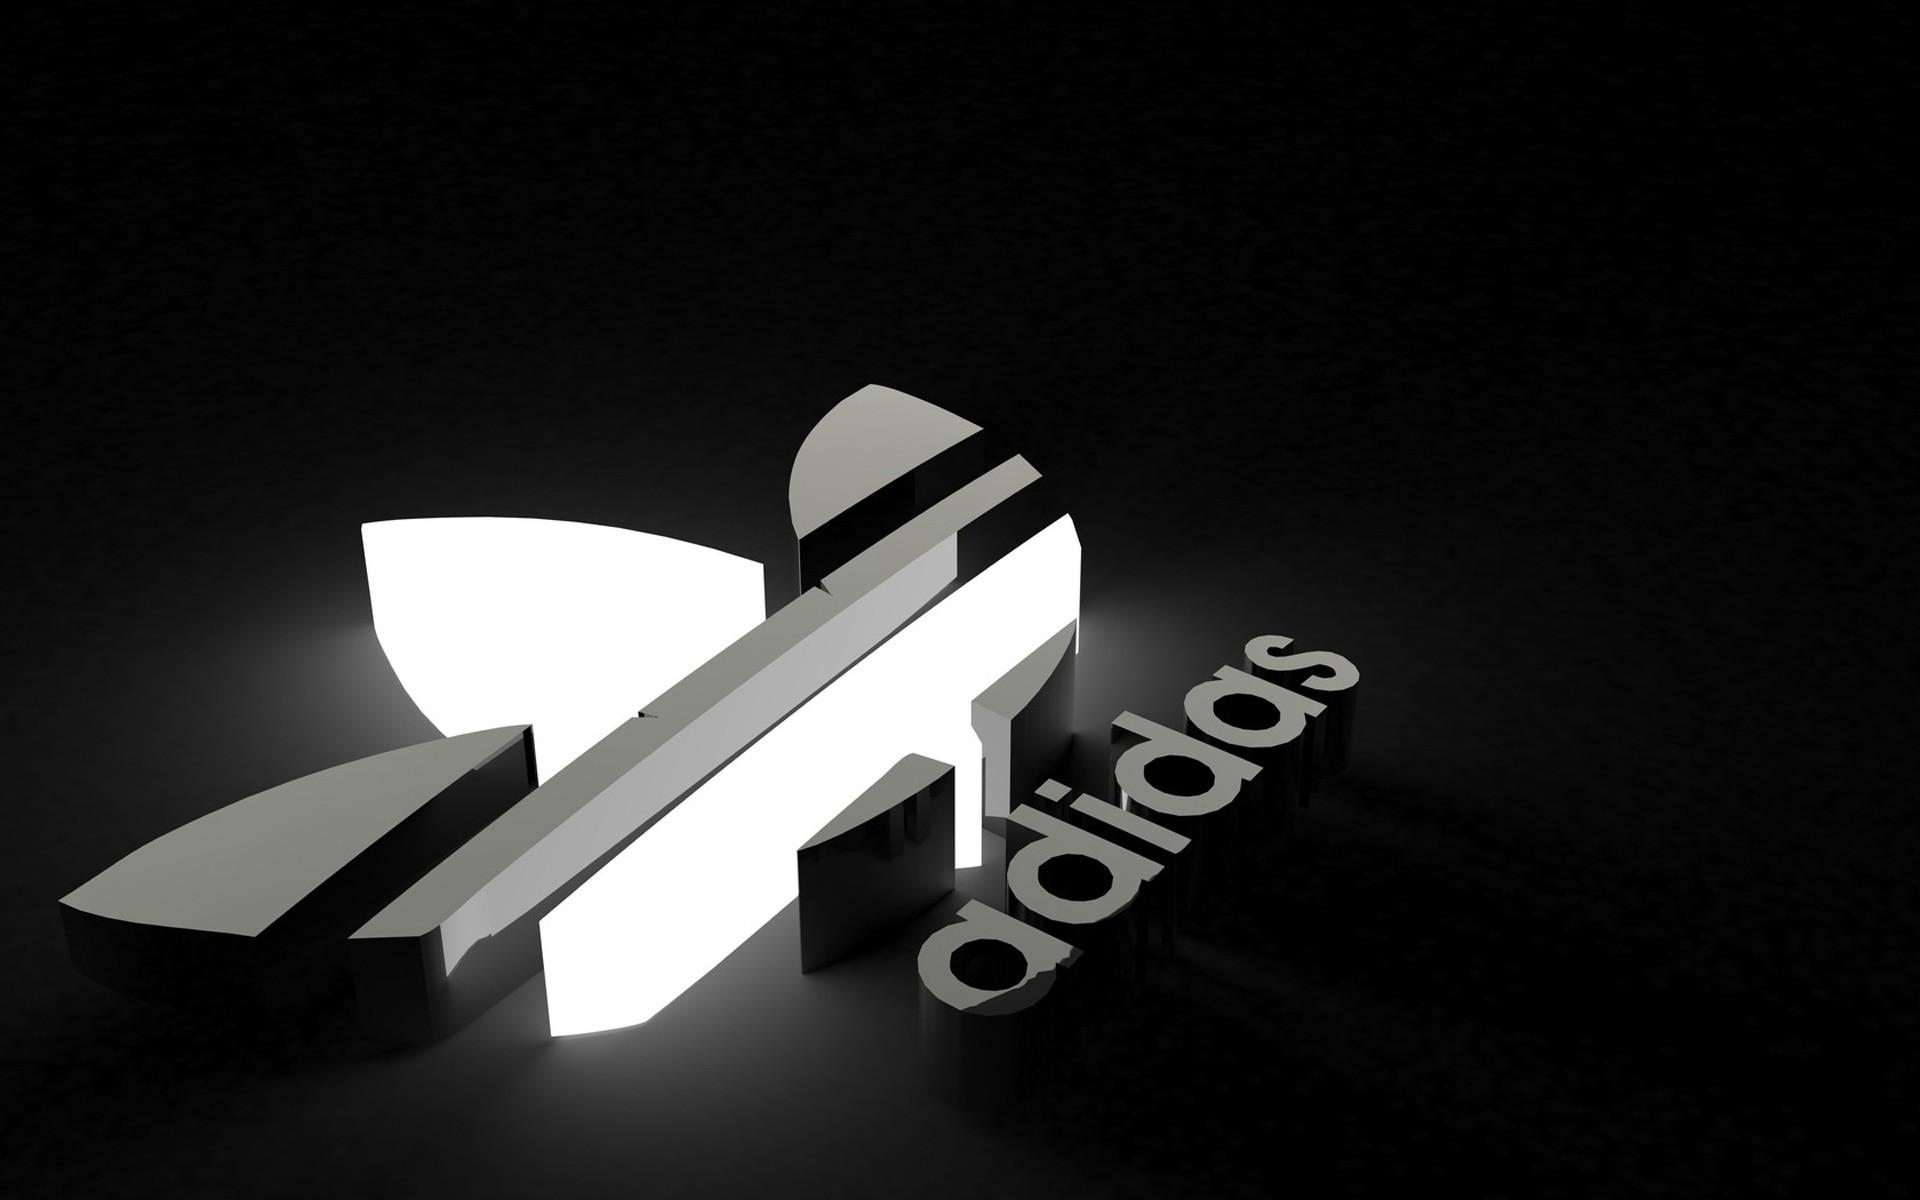 デスクトップ壁紙  黒, ロゴ, アディダス, ブランド, 人工照明